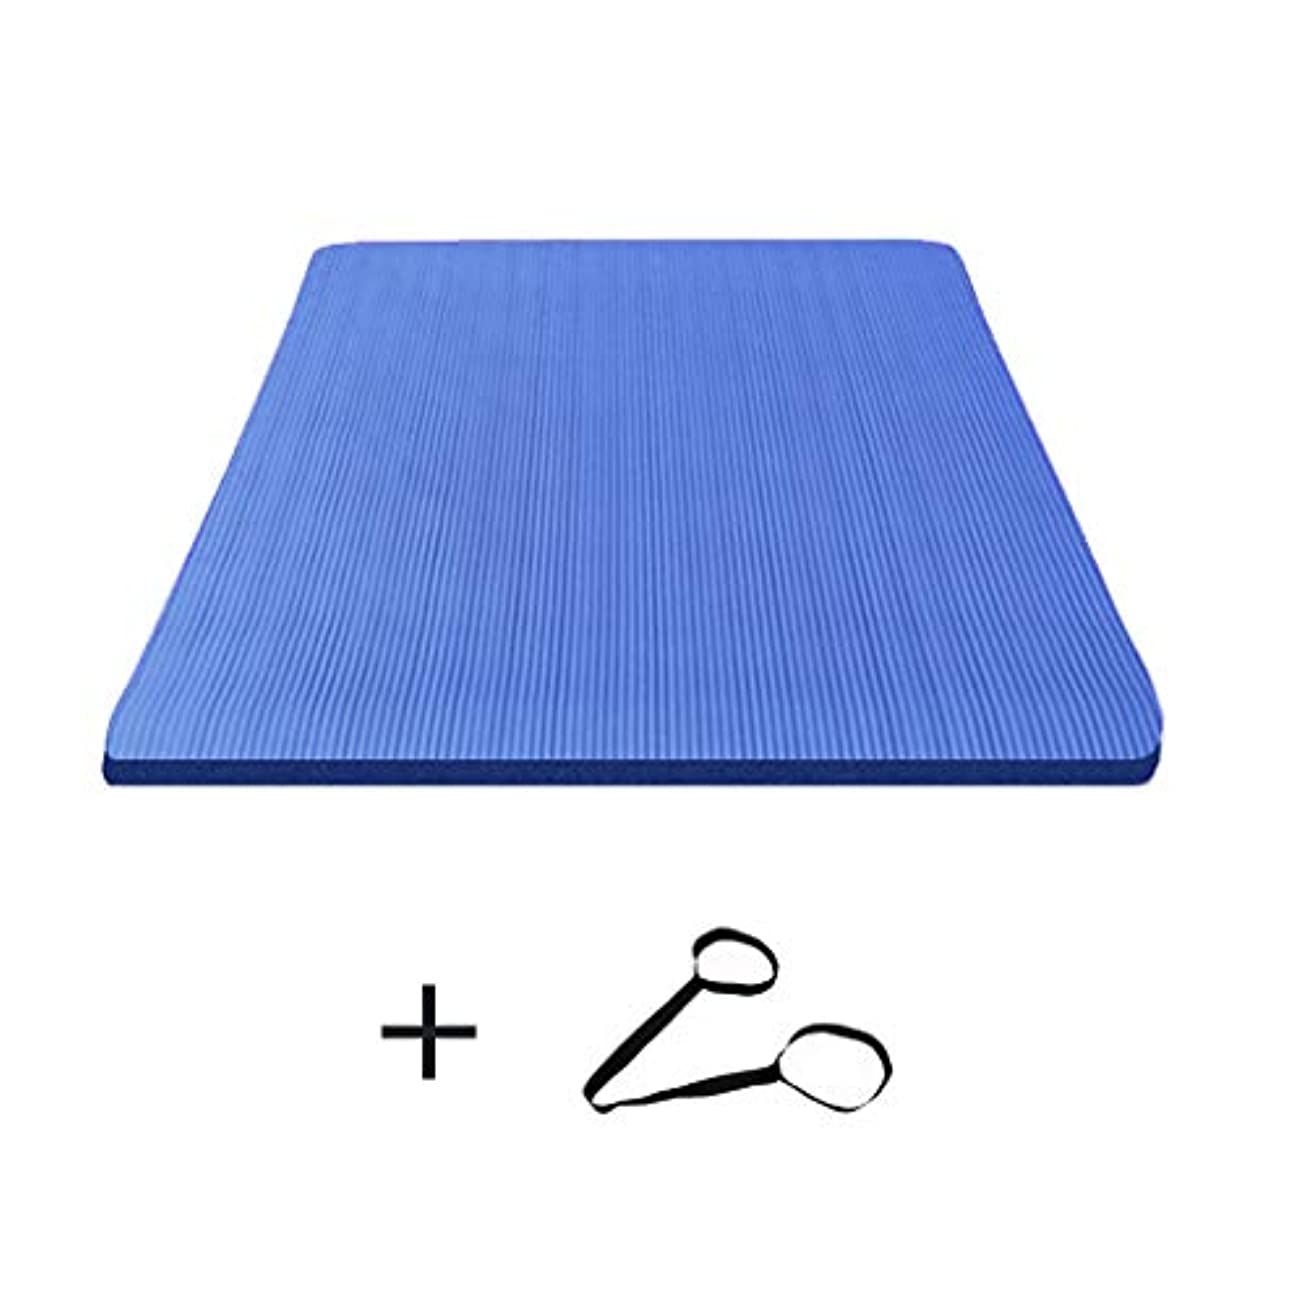 改革やるそこ寝袋アウトドアアウトドアブッシュスリーシーズンキャンプ ダブルヨガマット特大広め滑り止めフィットネス毛布キャンプに適して男性と女性200 * 160センチメートル で利用できる単一の二重色 (サイズ さいず : 青-15mm, サイズ さいず : Ordinary style)